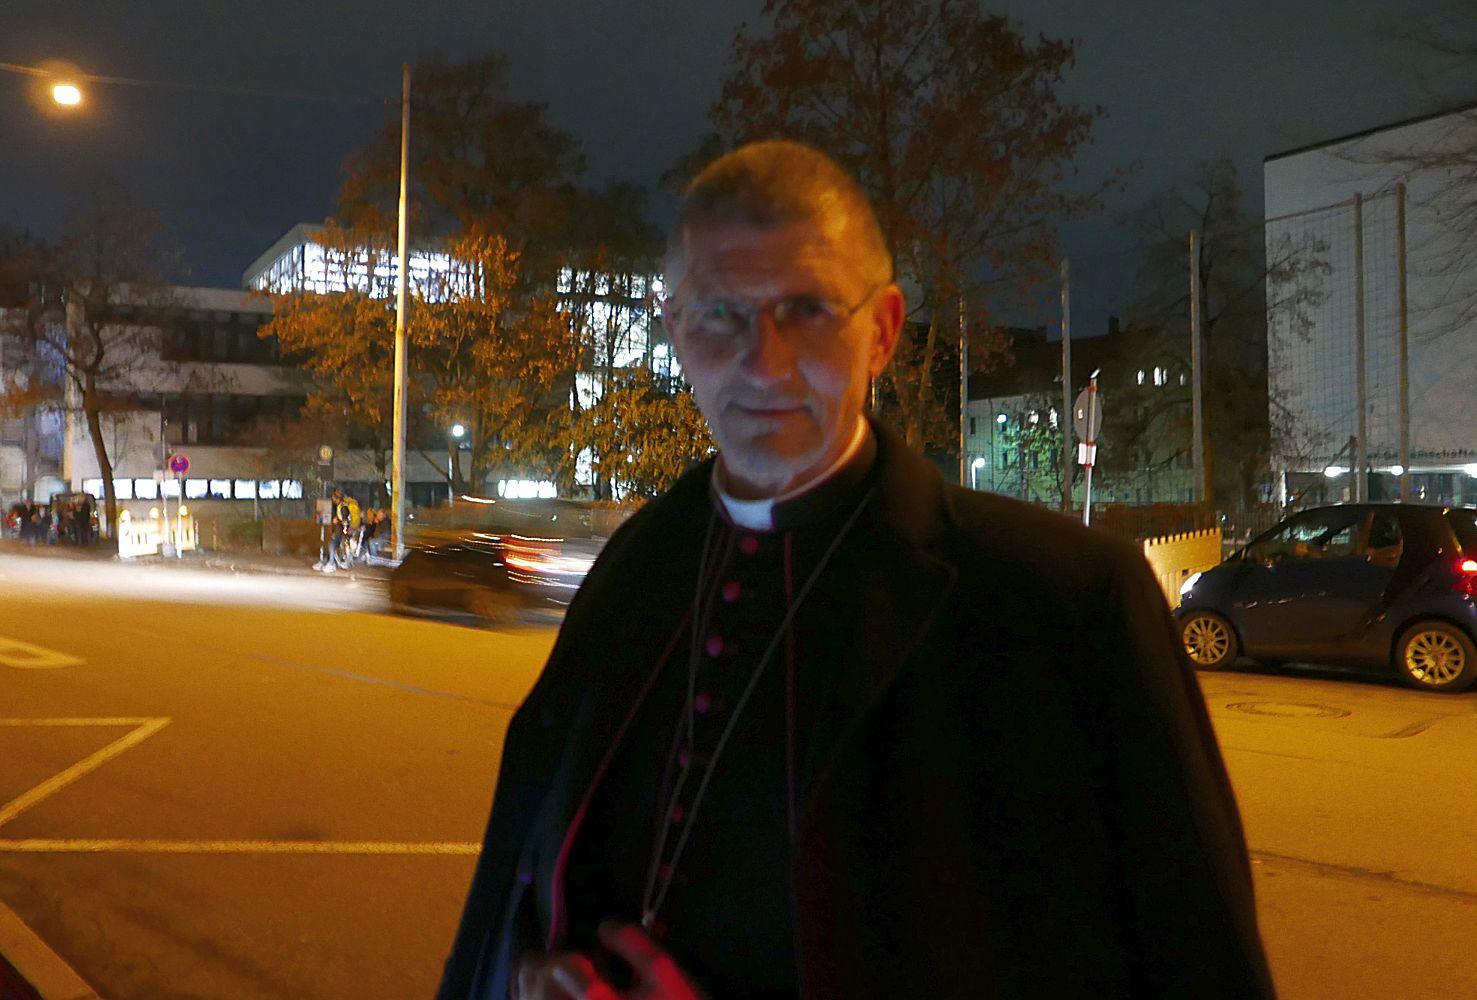 Ein Pfarrer erzählt uns, warum es nicht ohne Militär, Rüstung und Krieg geht.